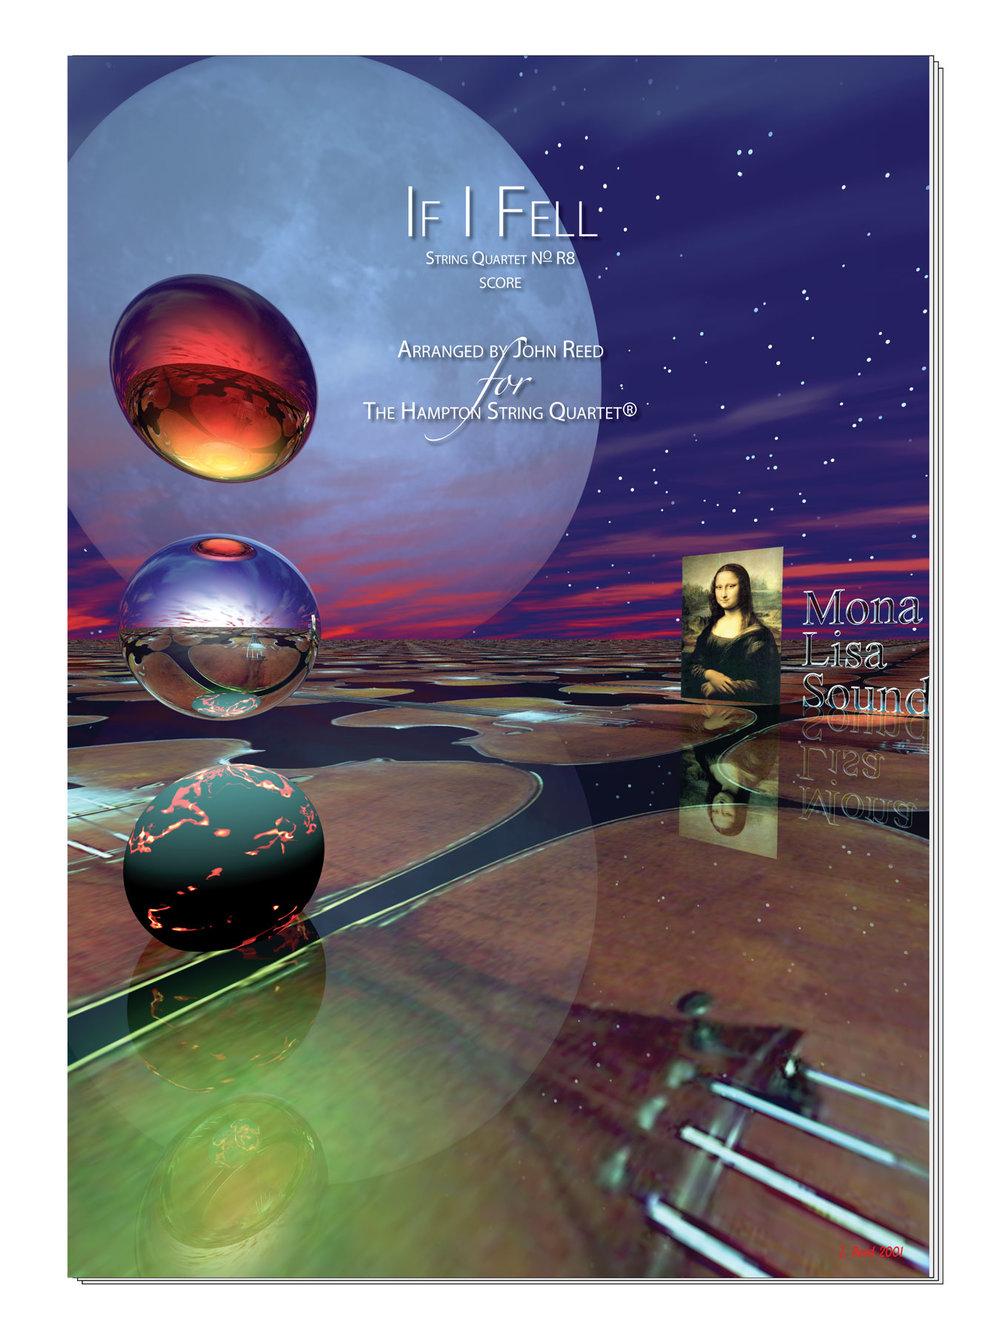 IfIFell.jpg